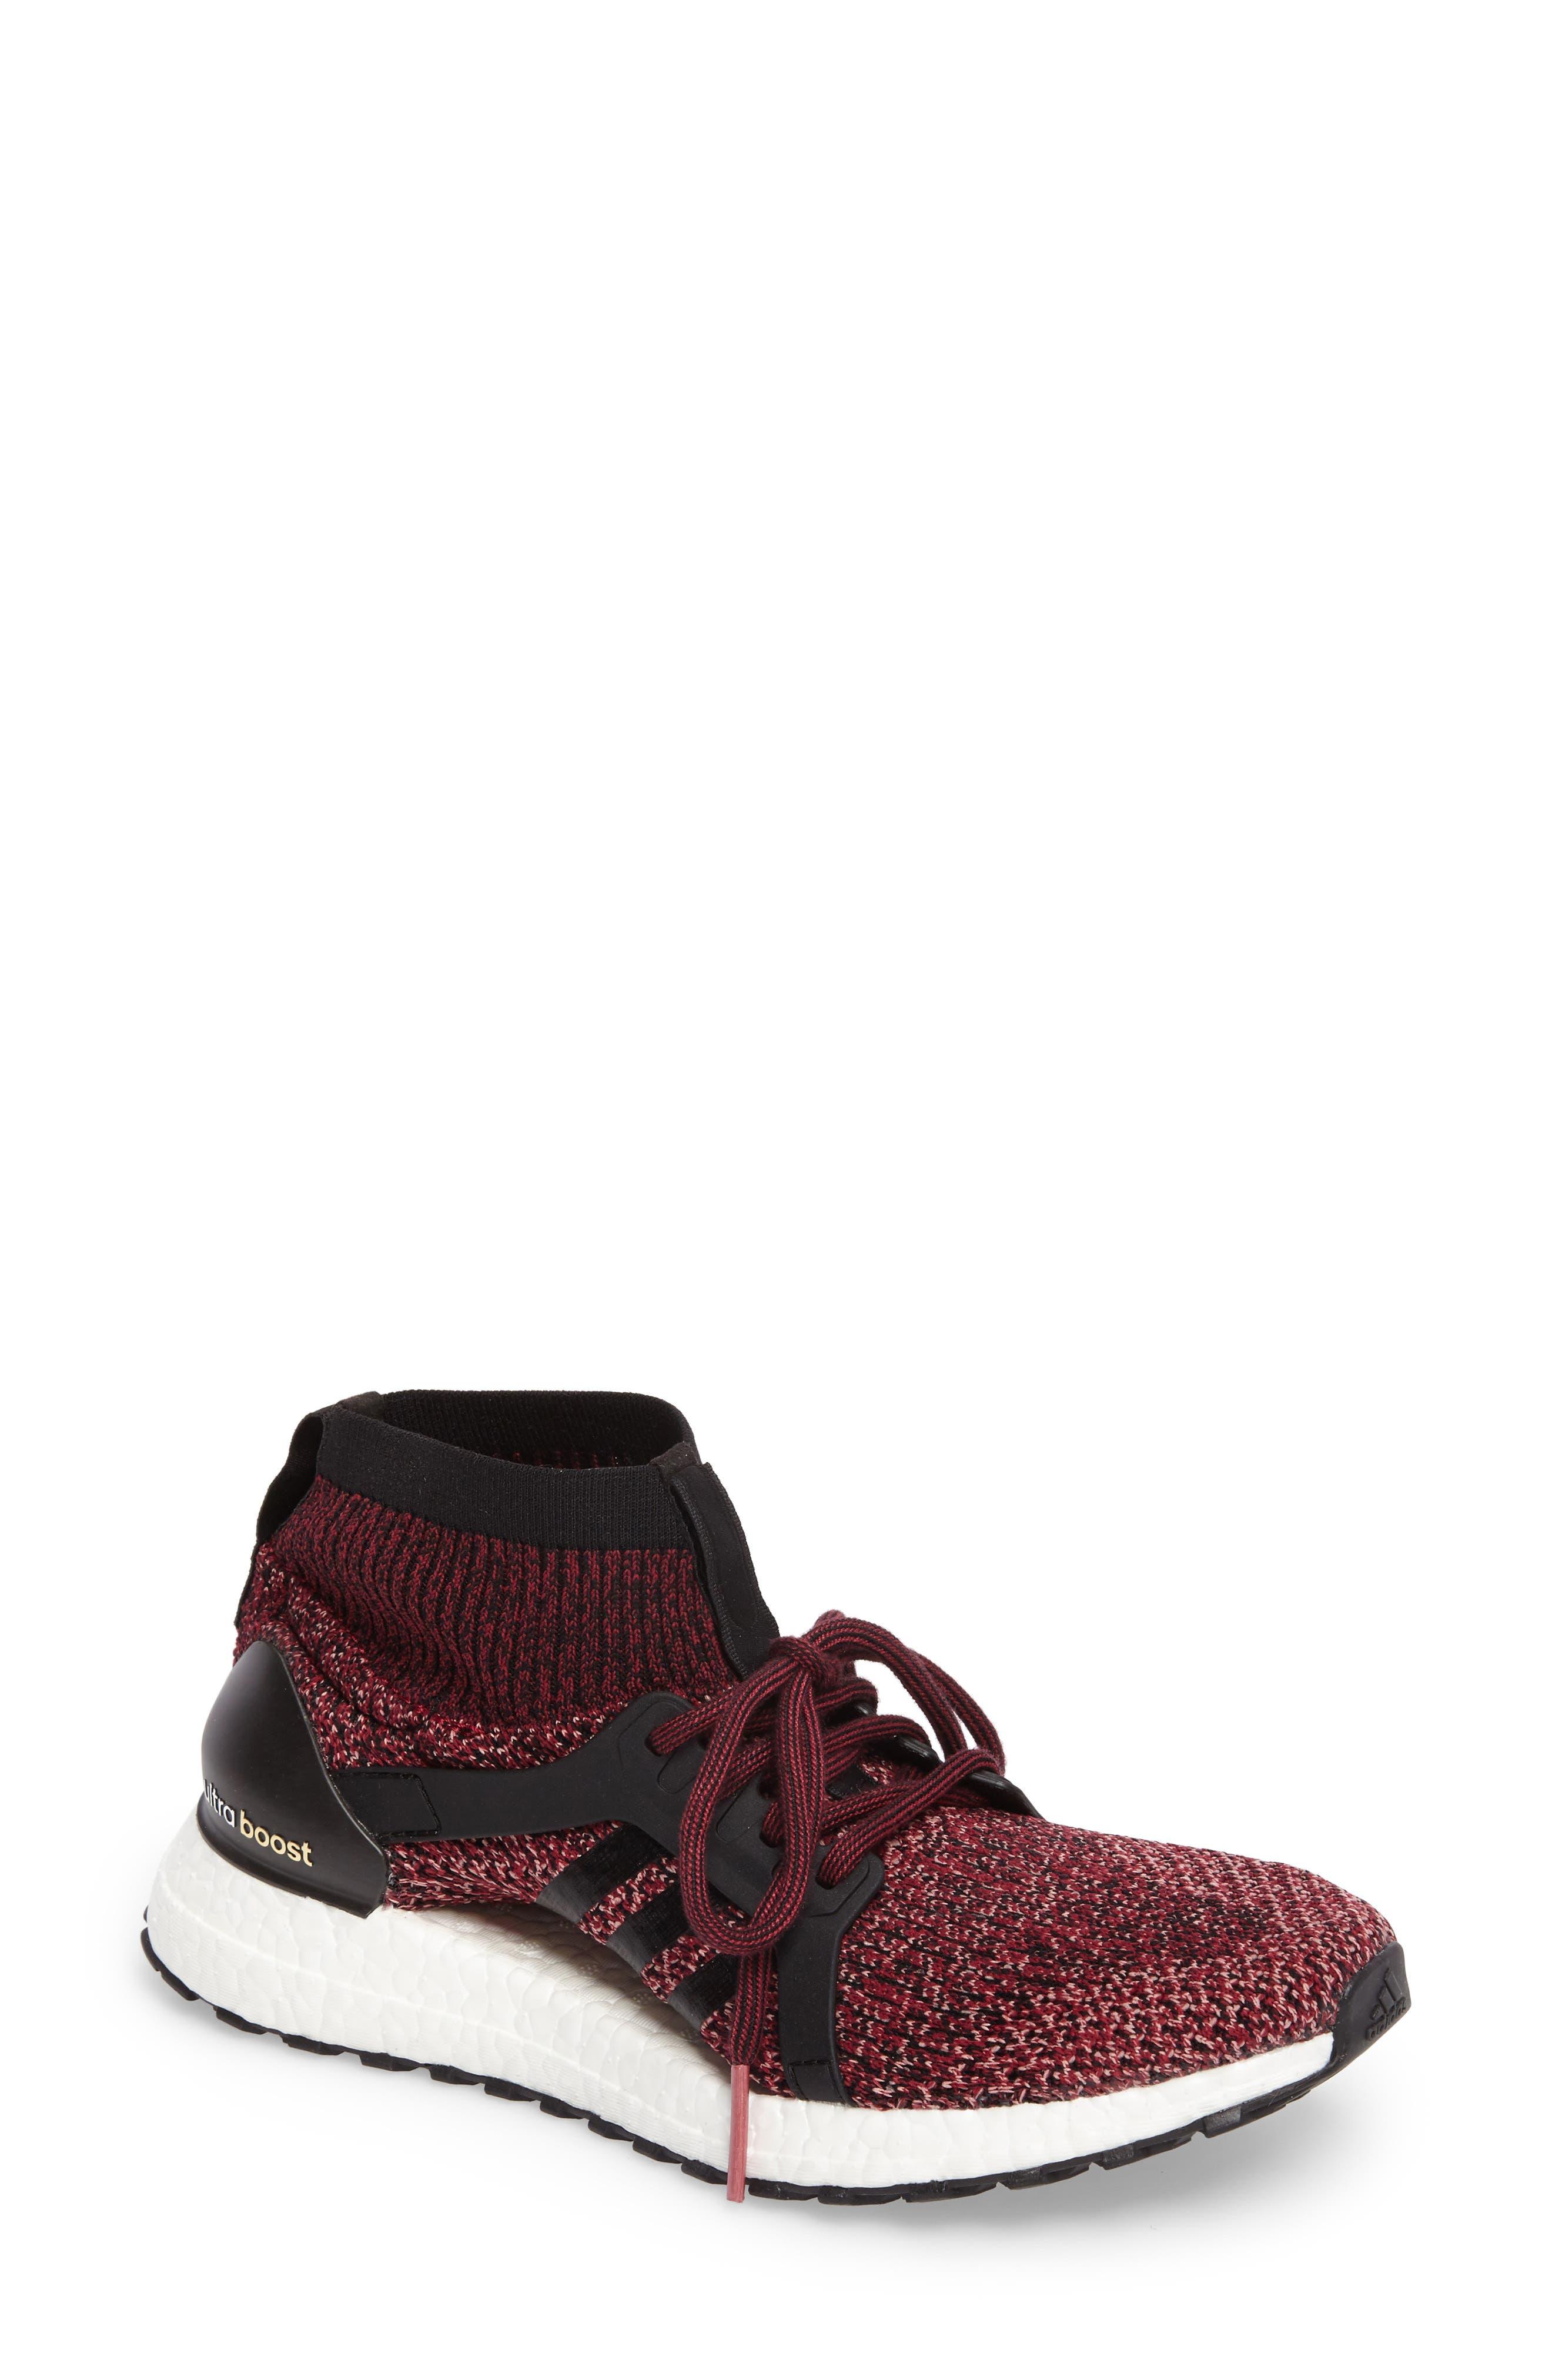 adidas Ultraboost X All Terrain Running Shoe (Women)